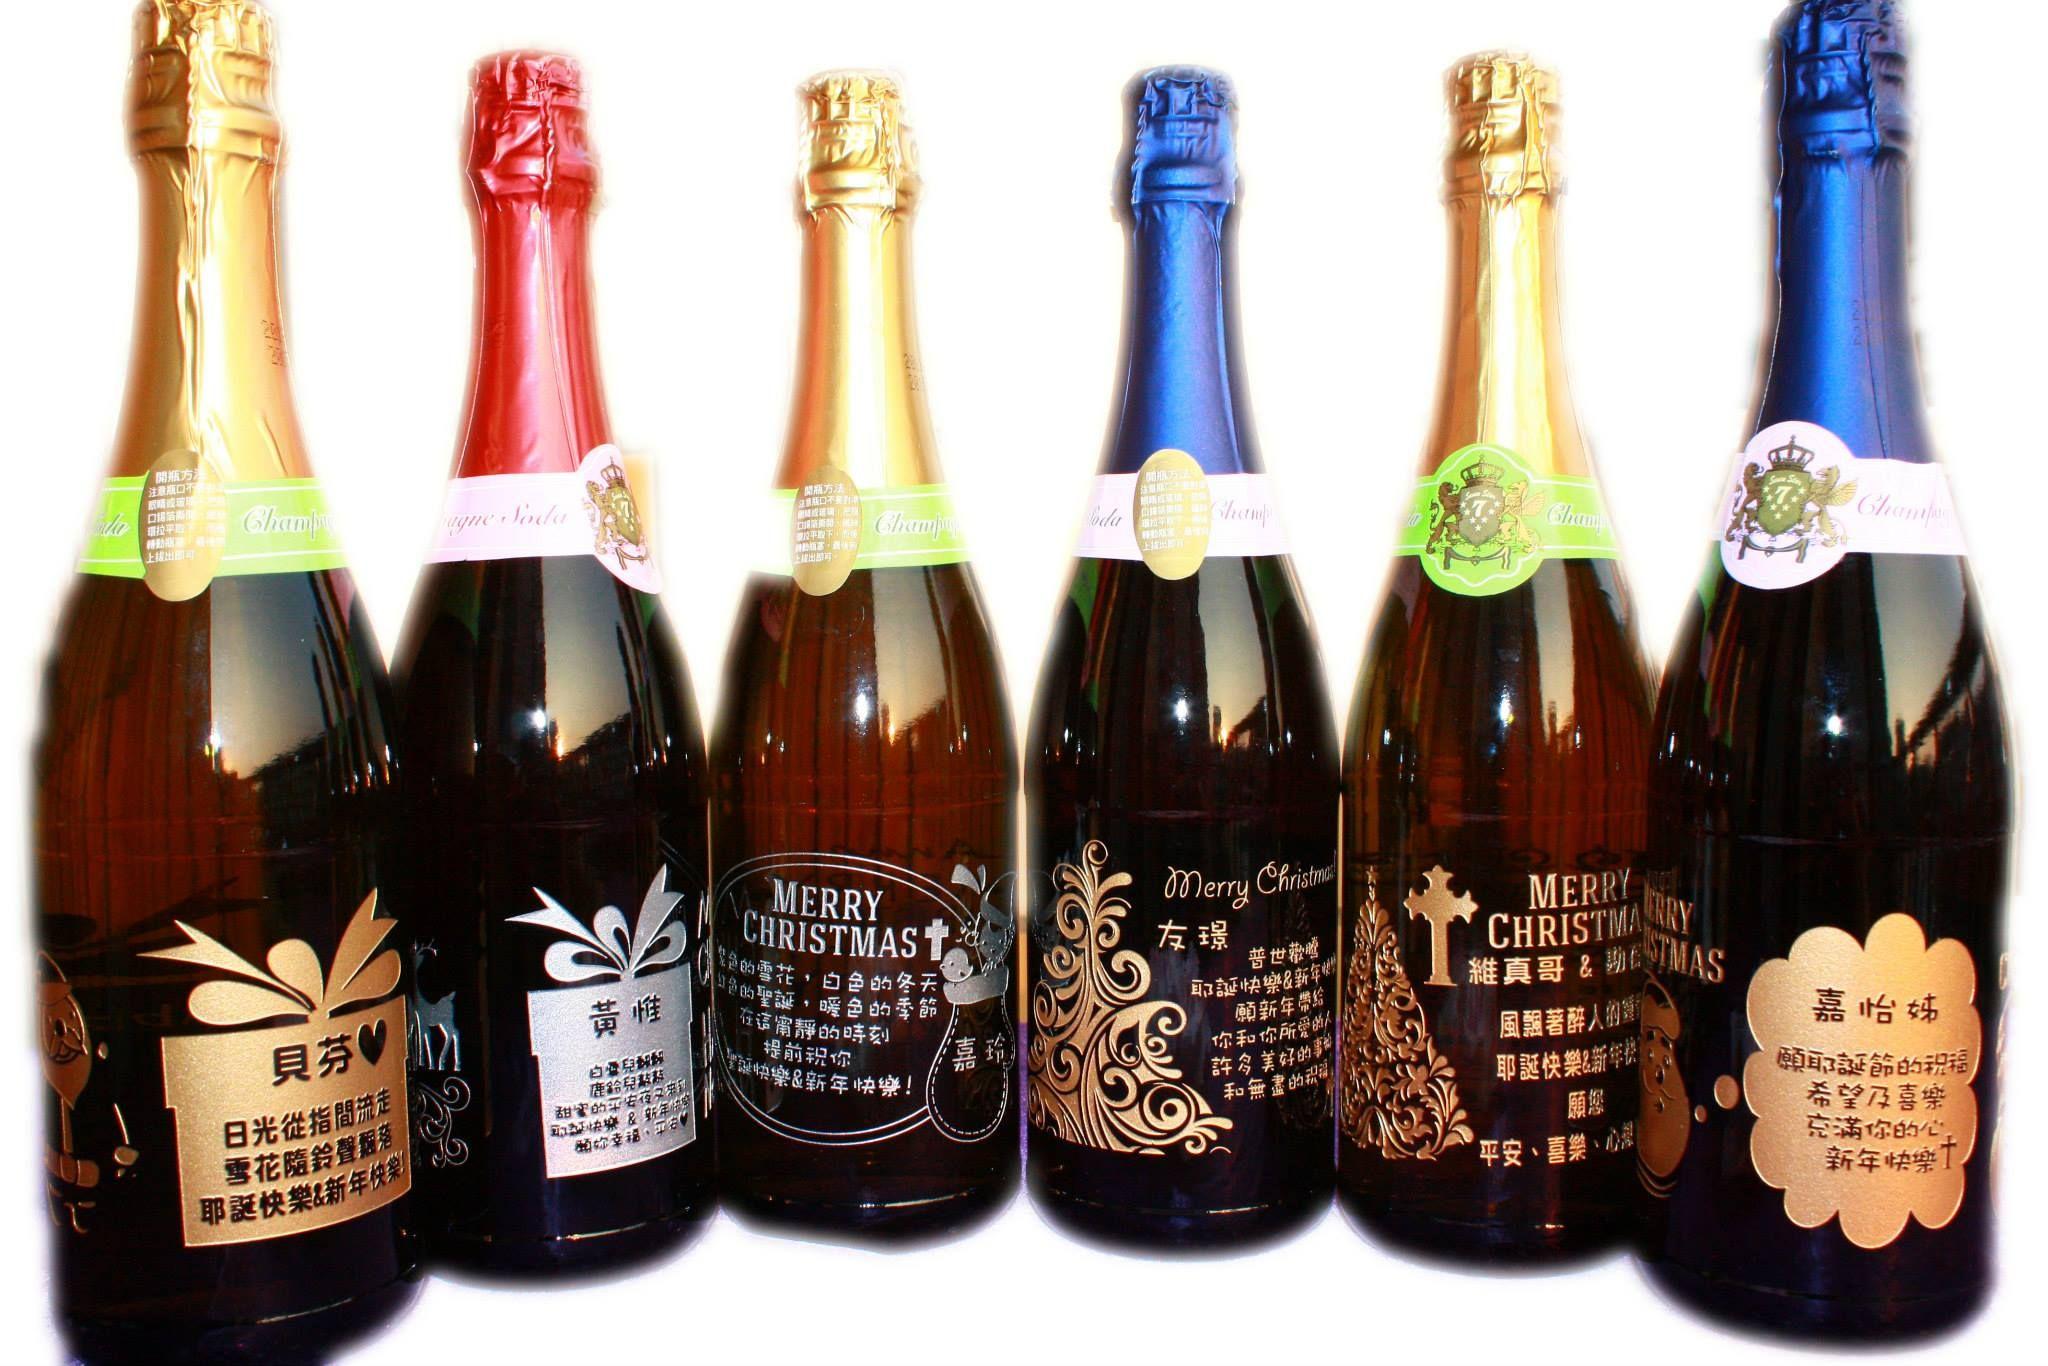 圖騰香檳聖誕節珍藏系列